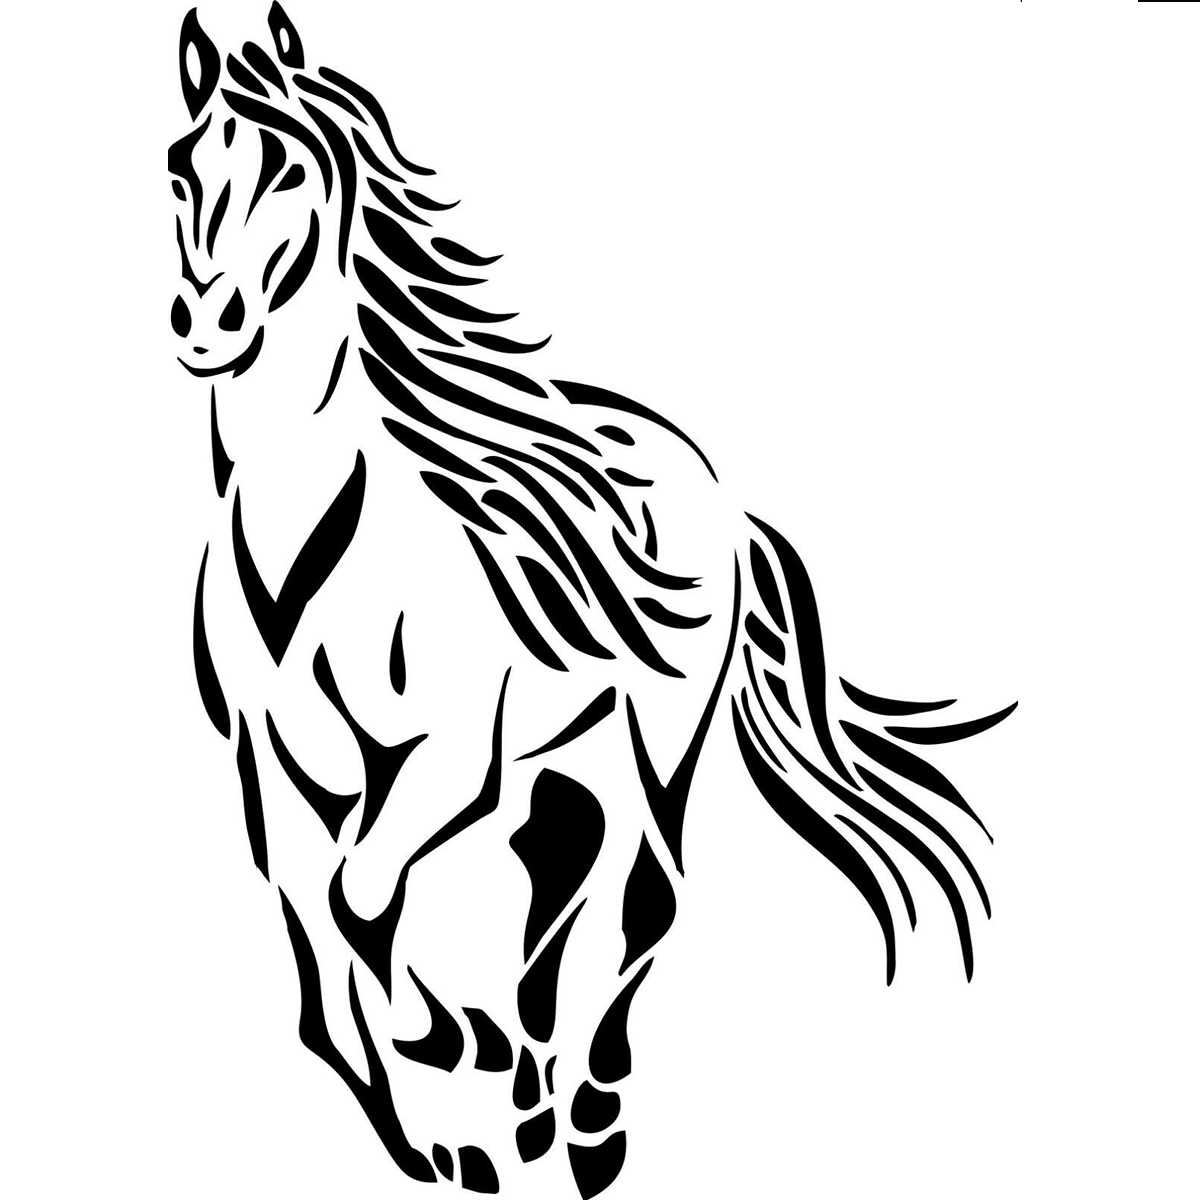 досуге эскизы картинки с лошадьми женщины сексуальны